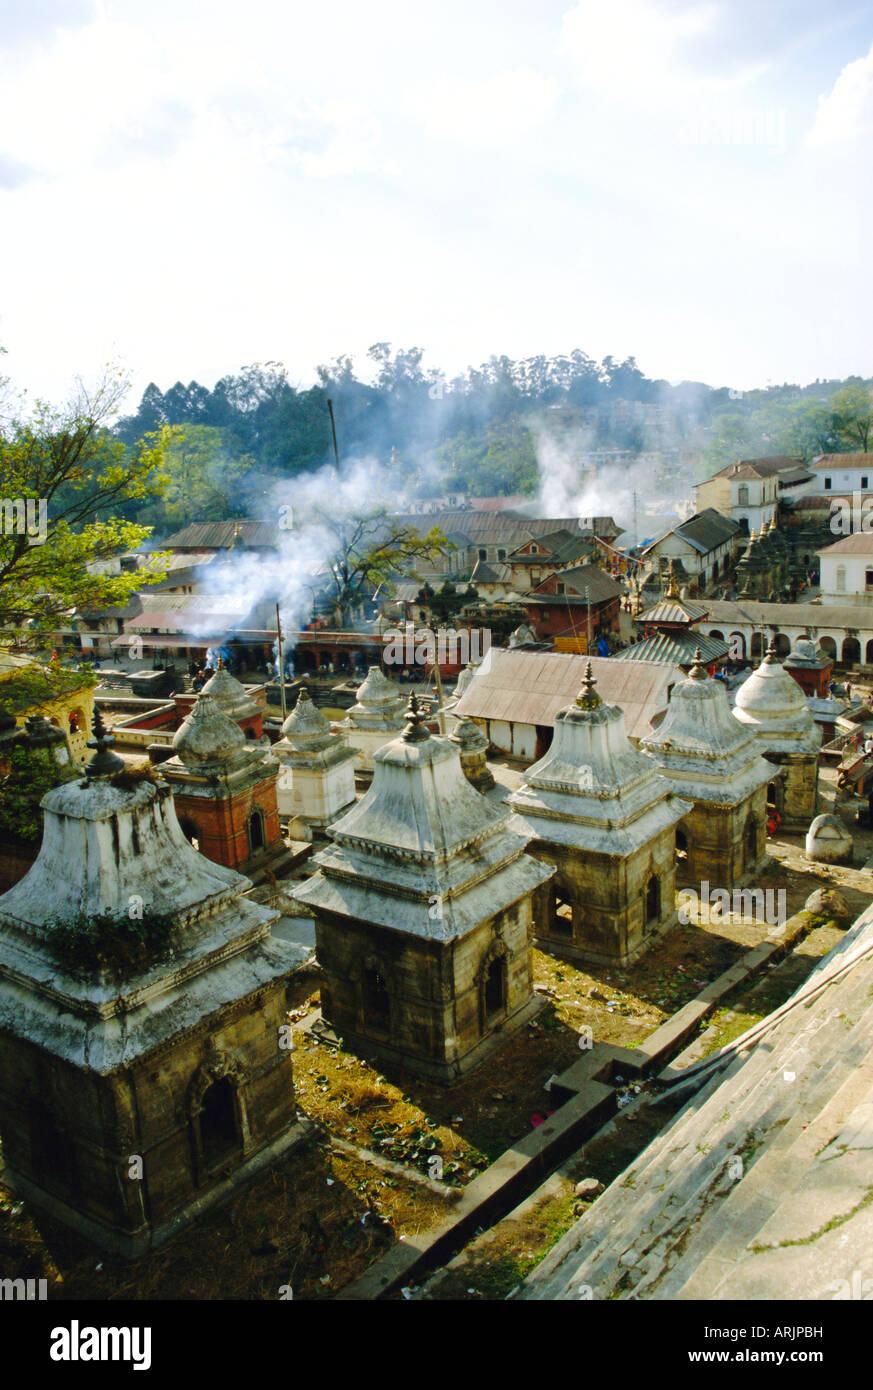 Hindu temples at Pashupatinath, Katmandu, Nepal - Stock Image